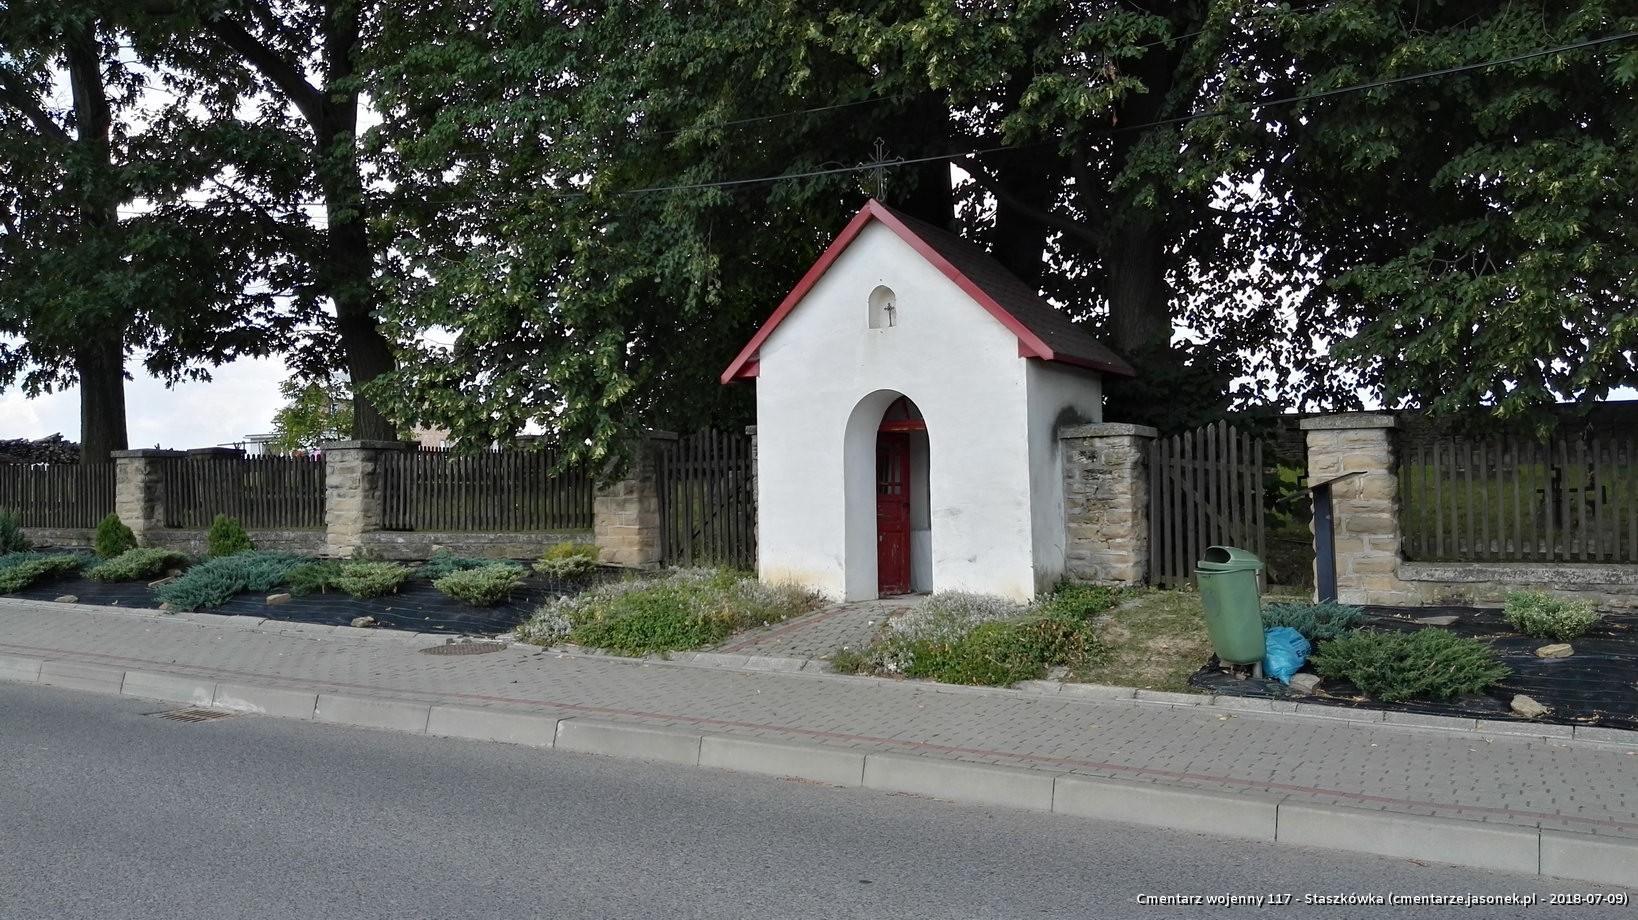 Cmentarz wojenny 117 - Staszkówka